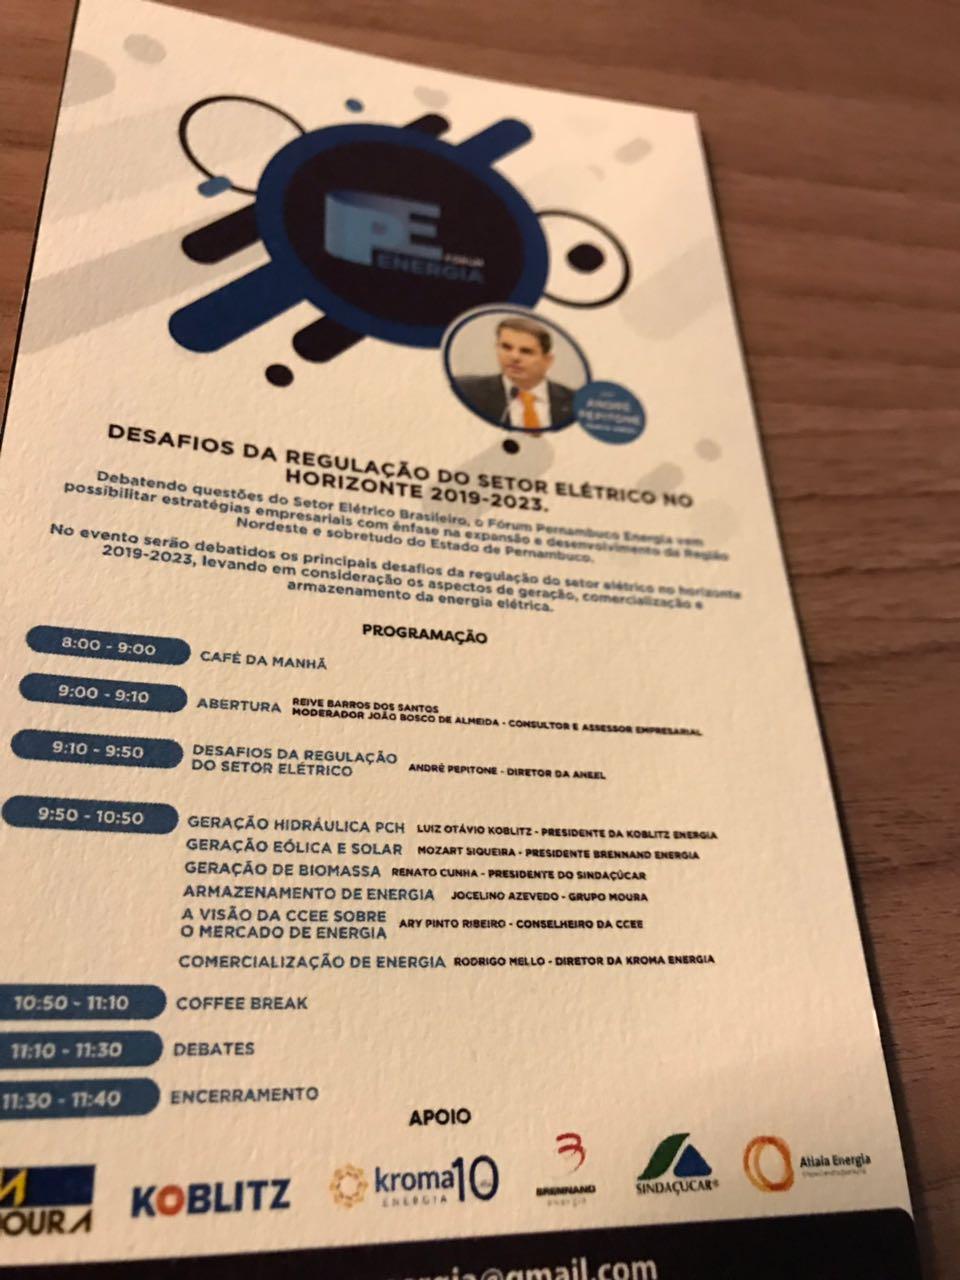 Renato Cunha, Presidente do SINDAÇÚCAR/PE, debatedor Fórum Desafios da Regulação do Setor Elétrico no Horizonte 2019-2023, com participação Diretor Aneel, André Pepitone, Presidente EPE, Reive,<br /> Presidente Chesf, Fábio, entre outros, Auditório Rio Mar Trade Center, dia 18/maio/2018